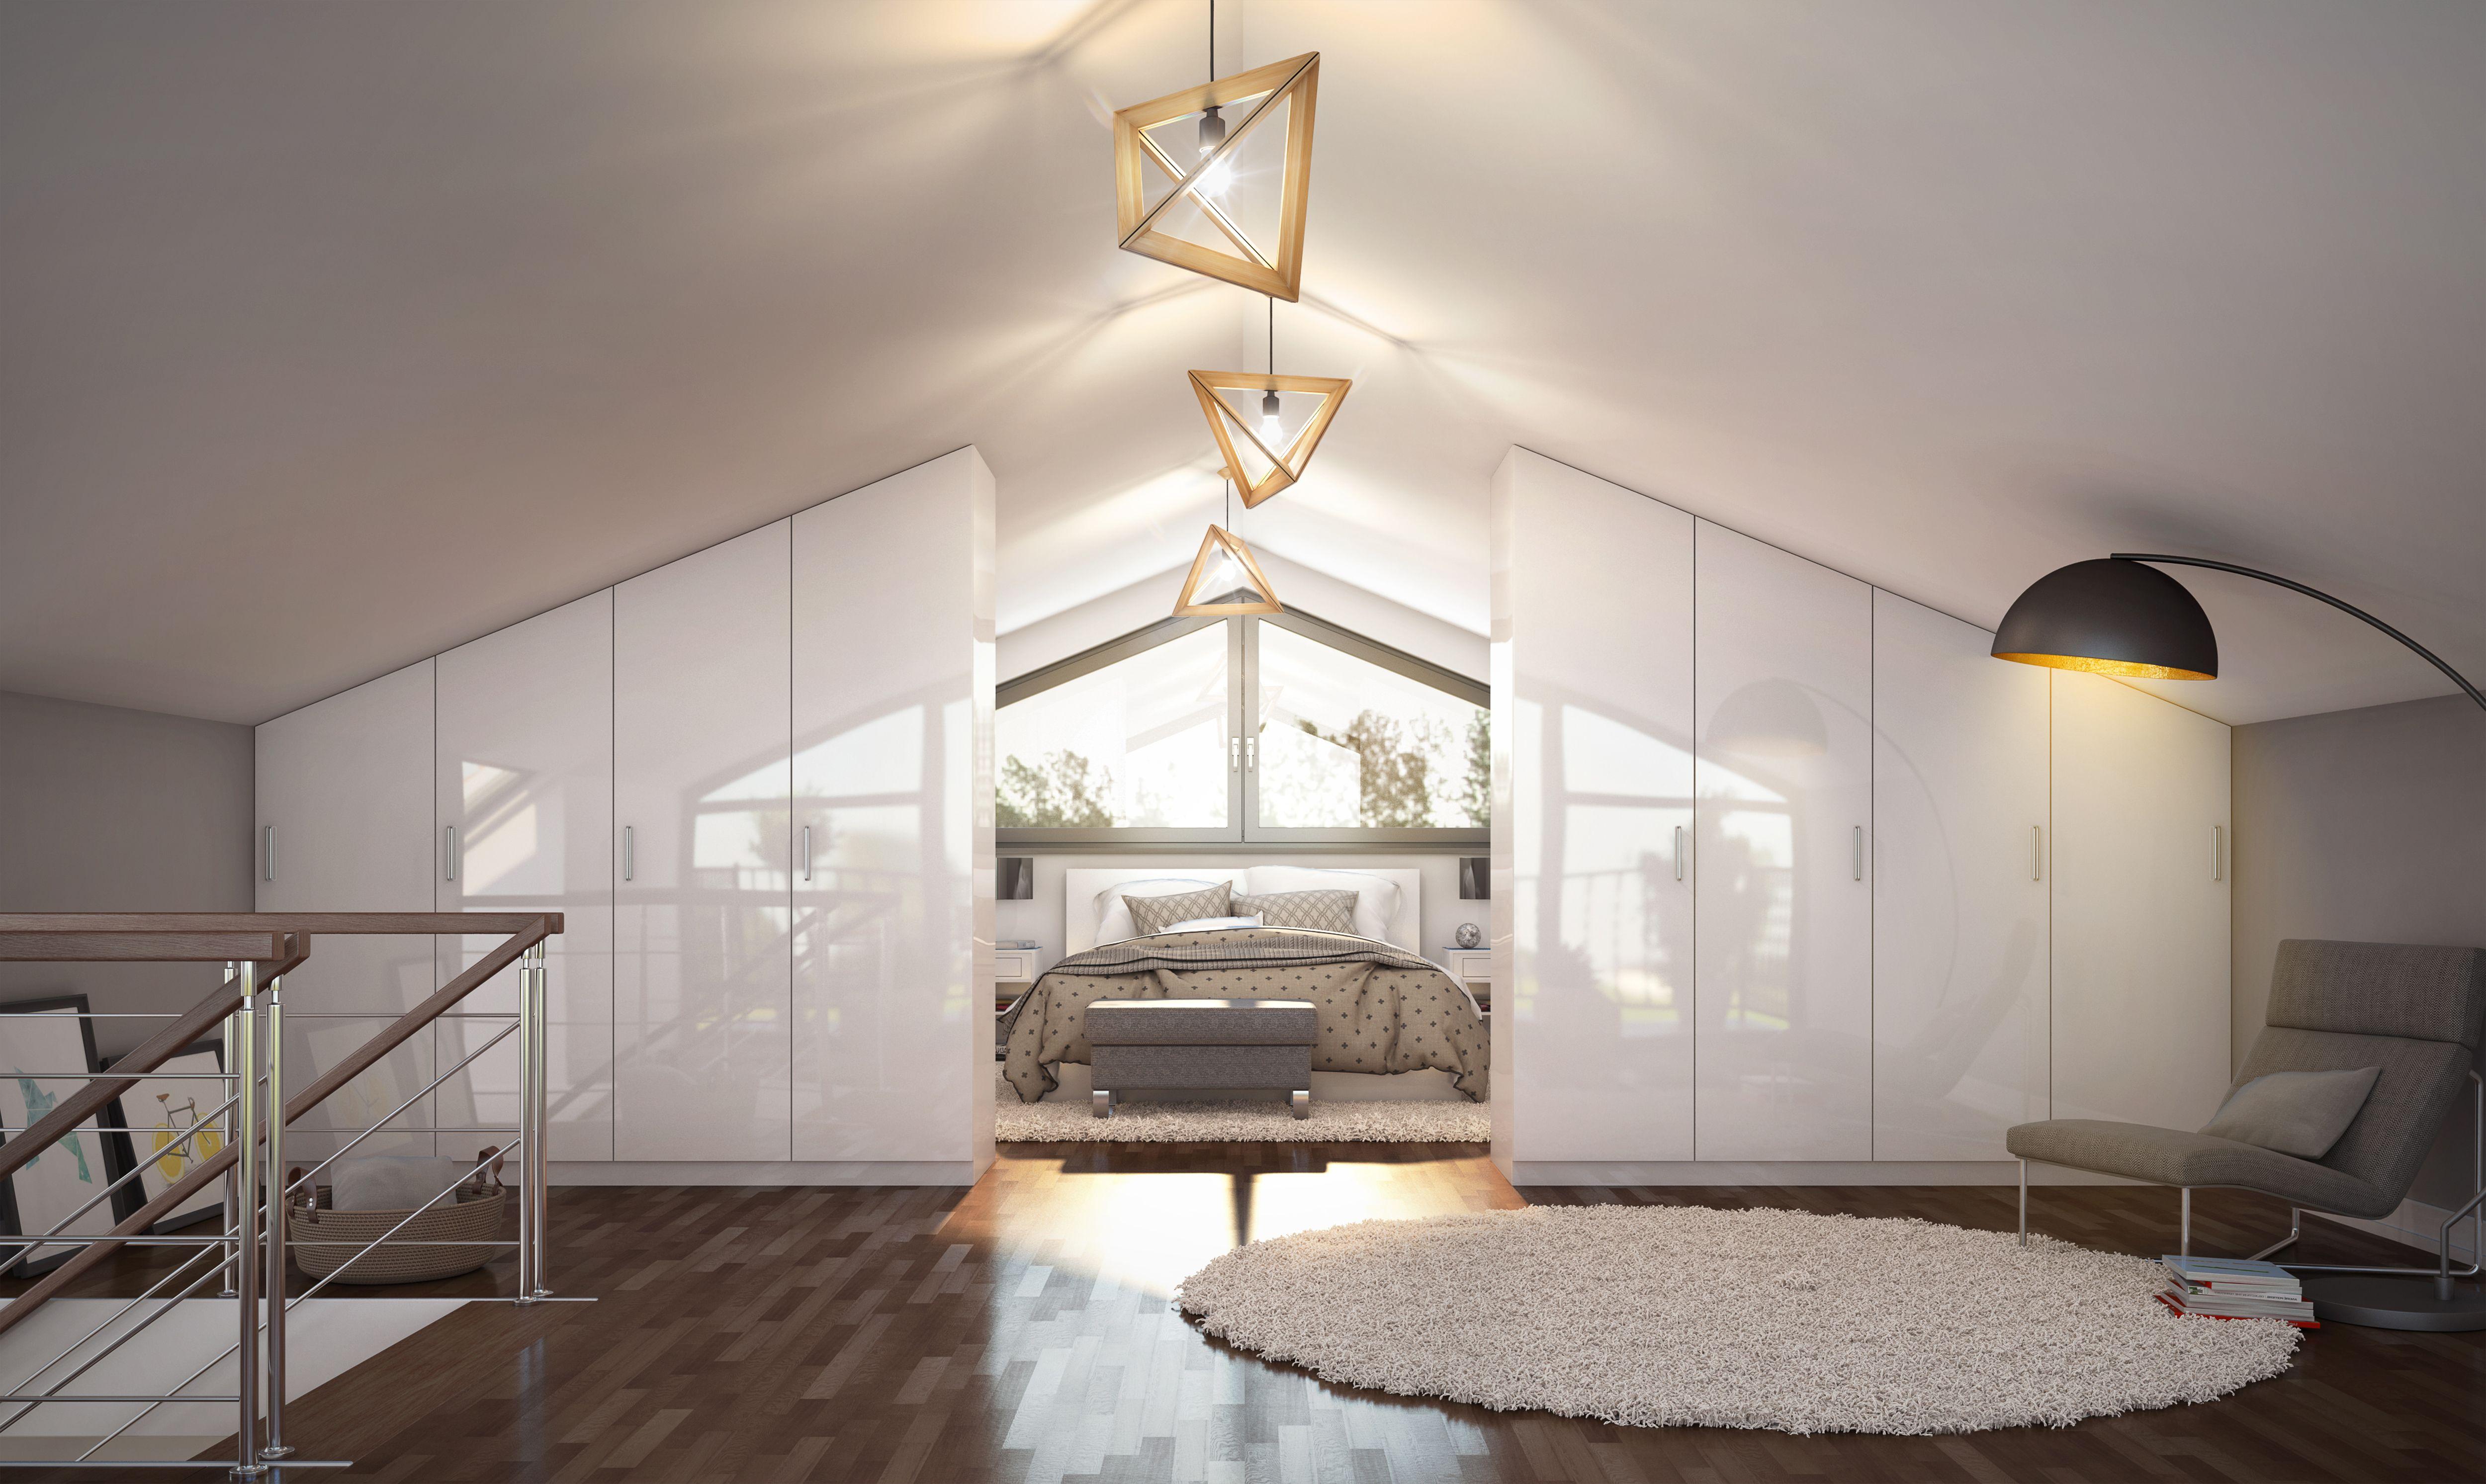 Dachschrä Schränke zwei dachschrägenschränke kannst du geschickt nutzen um deinen